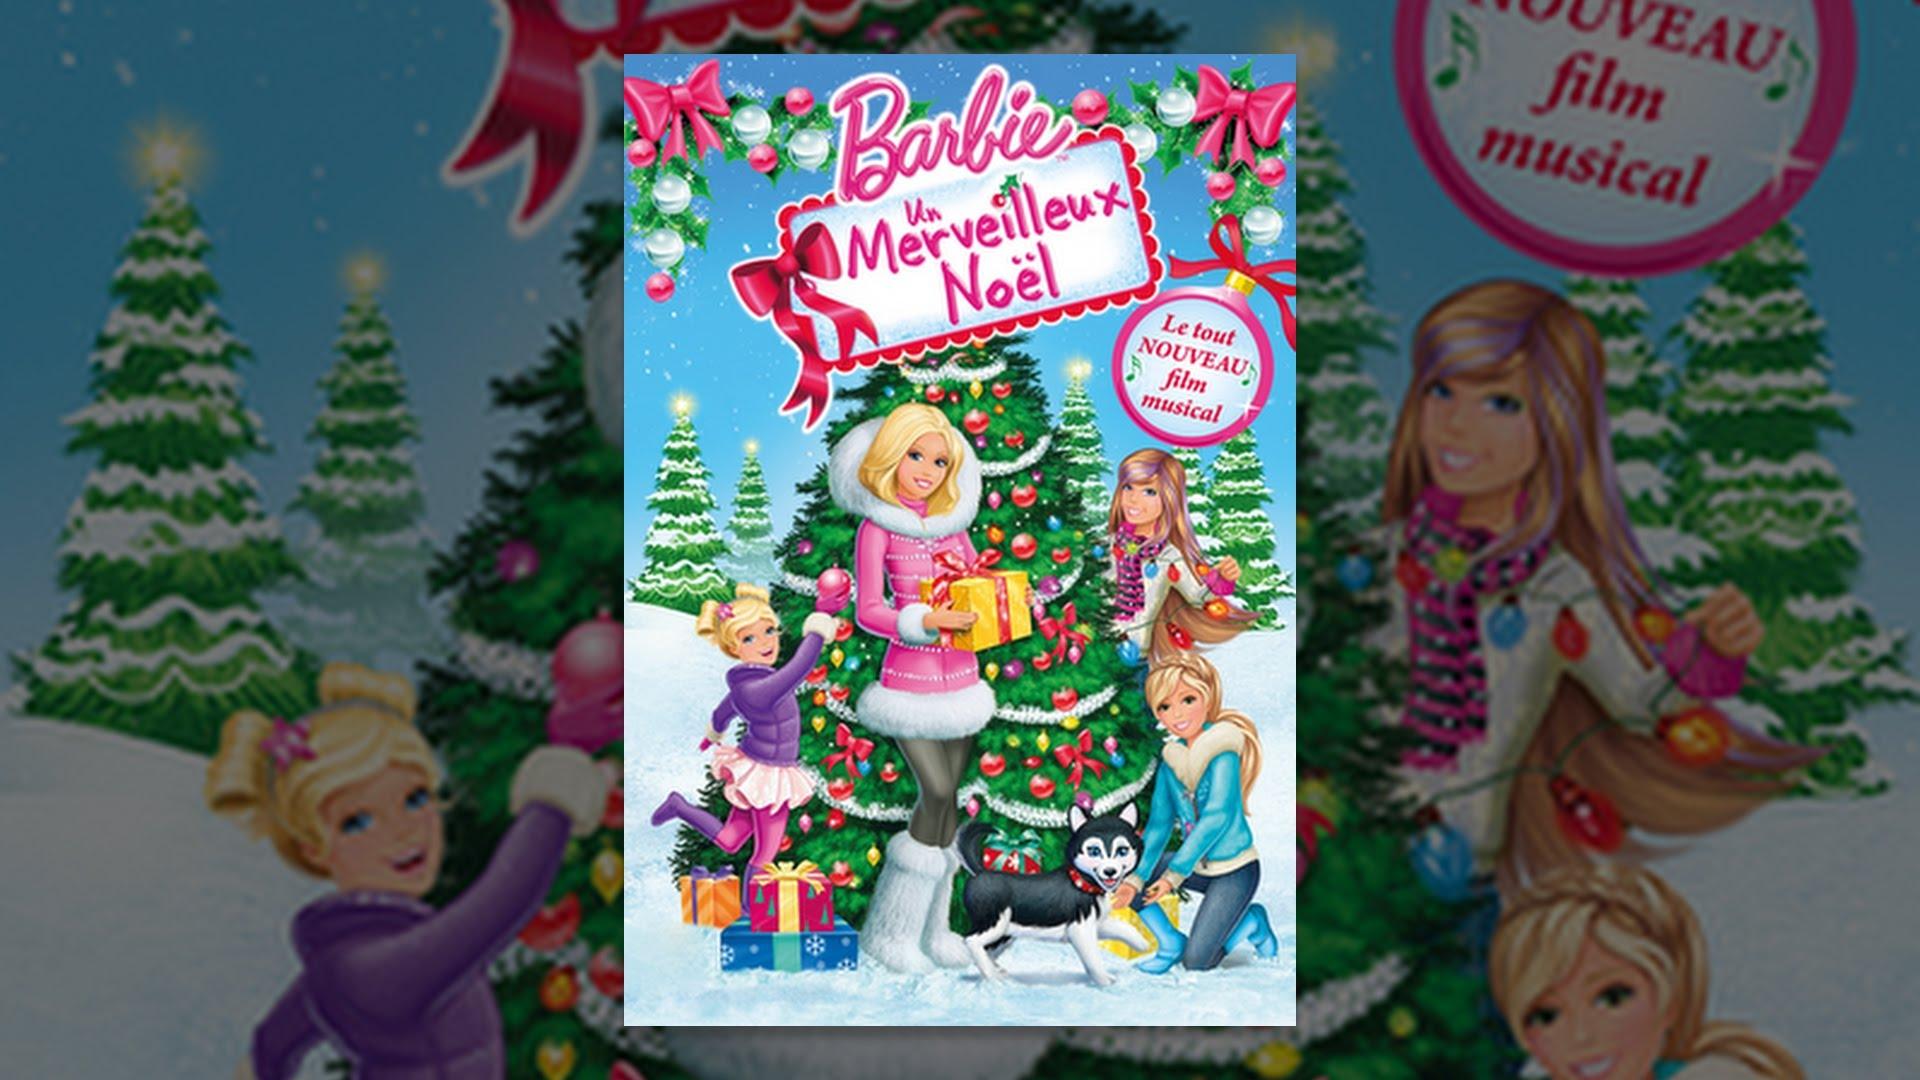 Barbie un merveilleux no l vf youtube - Un merveilleux noel barbie ...